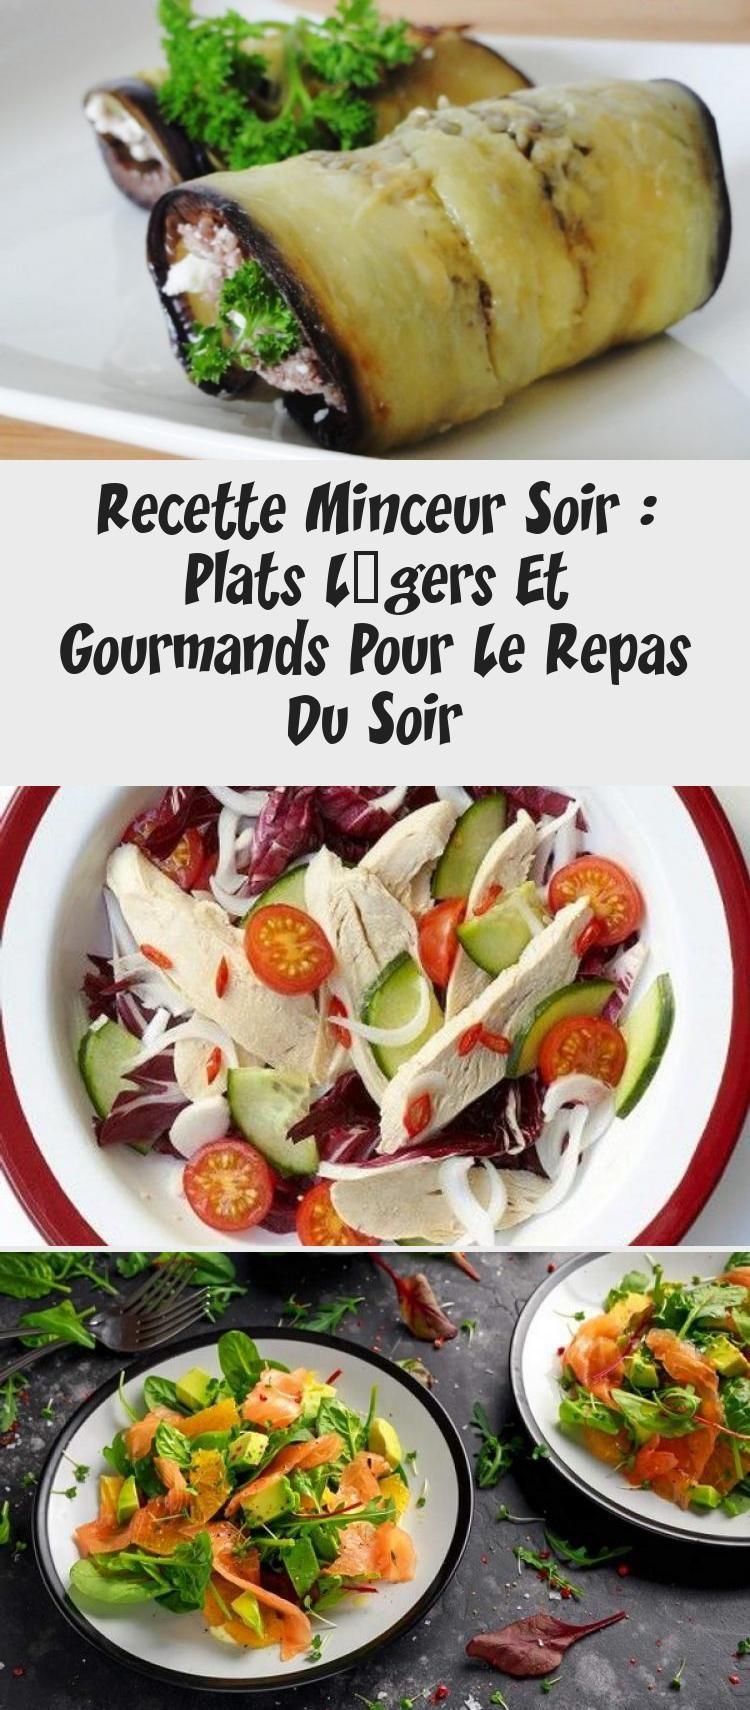 Recette Minceur Soir : Plats Légers Et Gourmands Pour Le Repas Du Soir